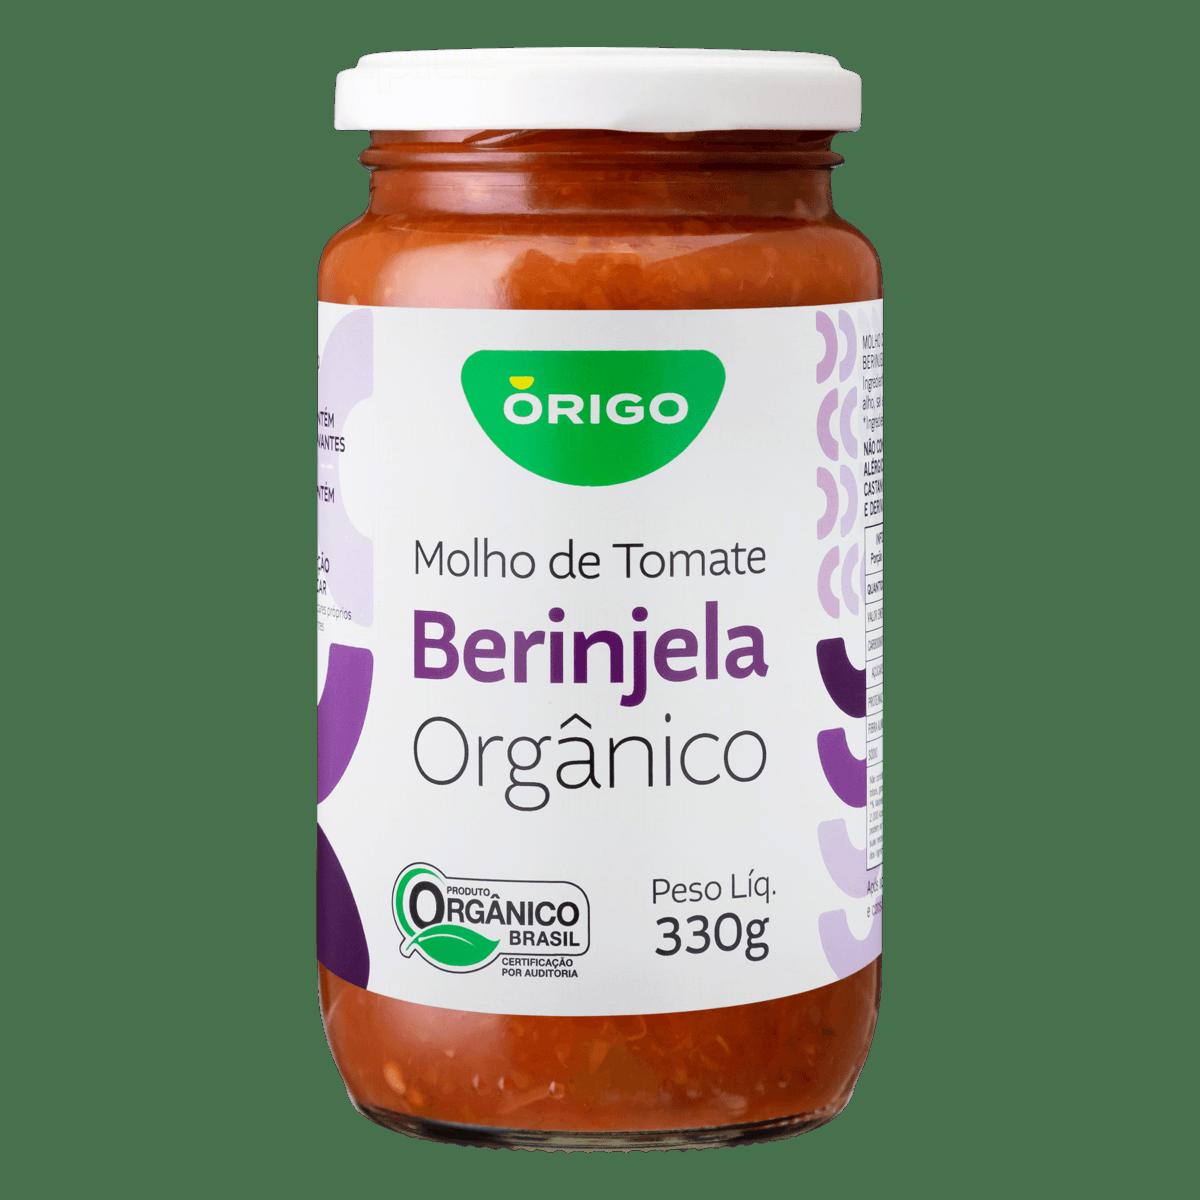 Molho de Tomate Orgânico Berinjela ÓRIGO Vidro 330g